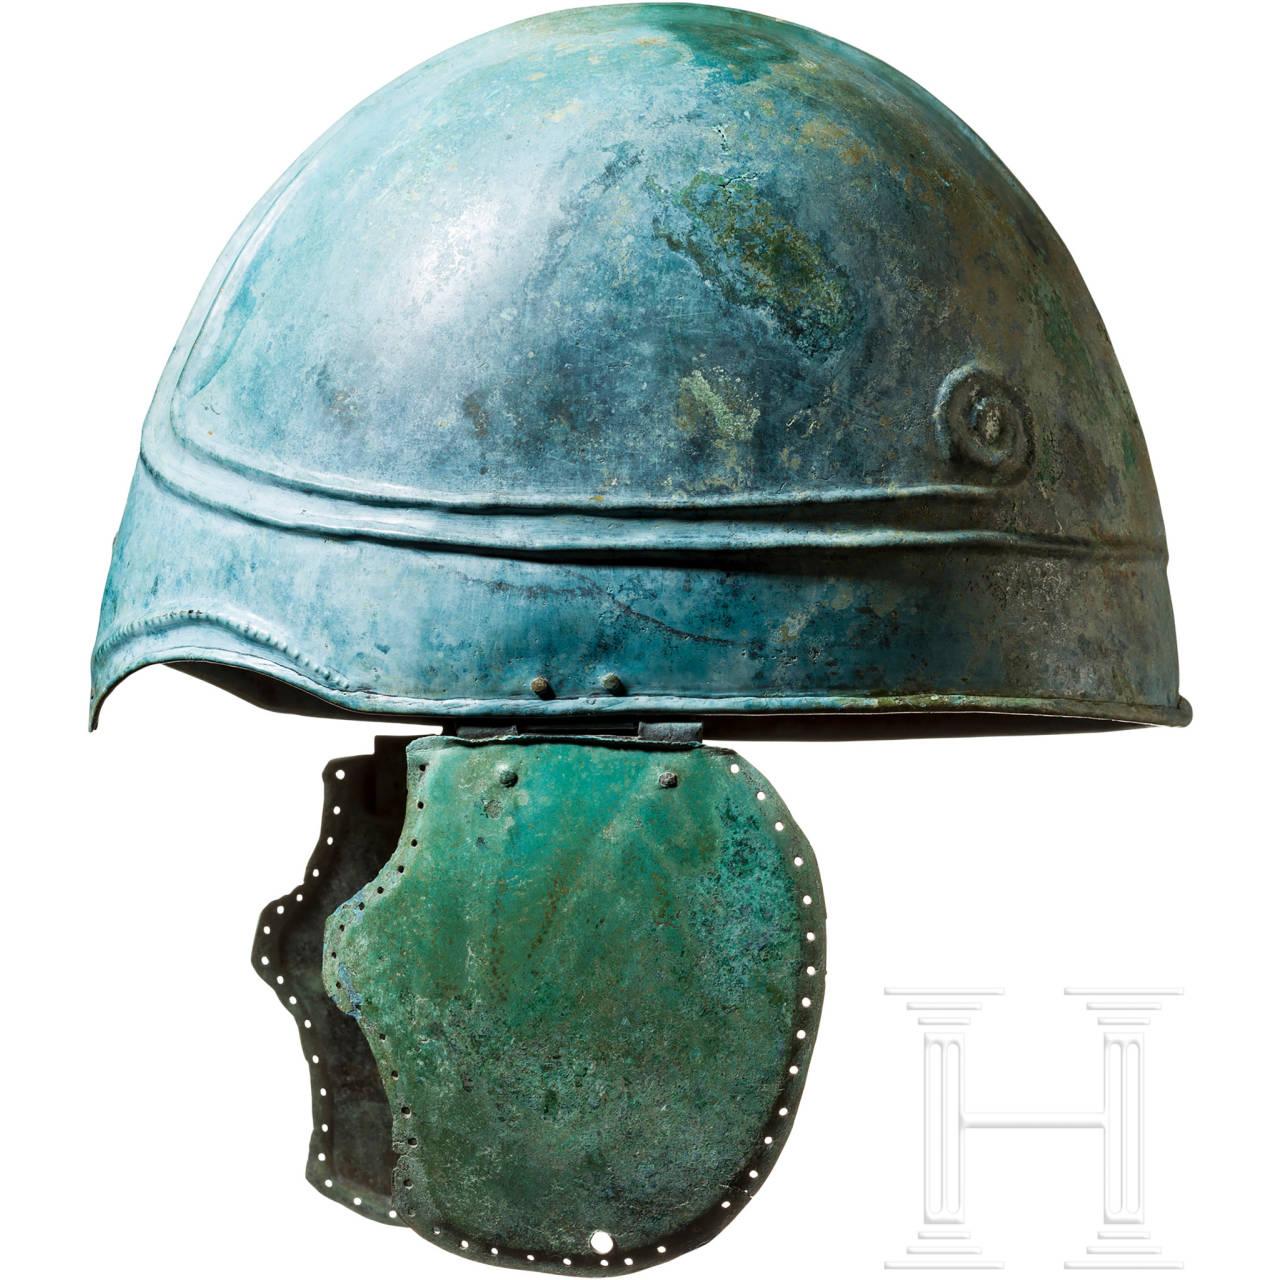 Pseudochalkidischer Helm, nördlicher Schwarzmeerraum, 4. Jhdt. v. Chr.